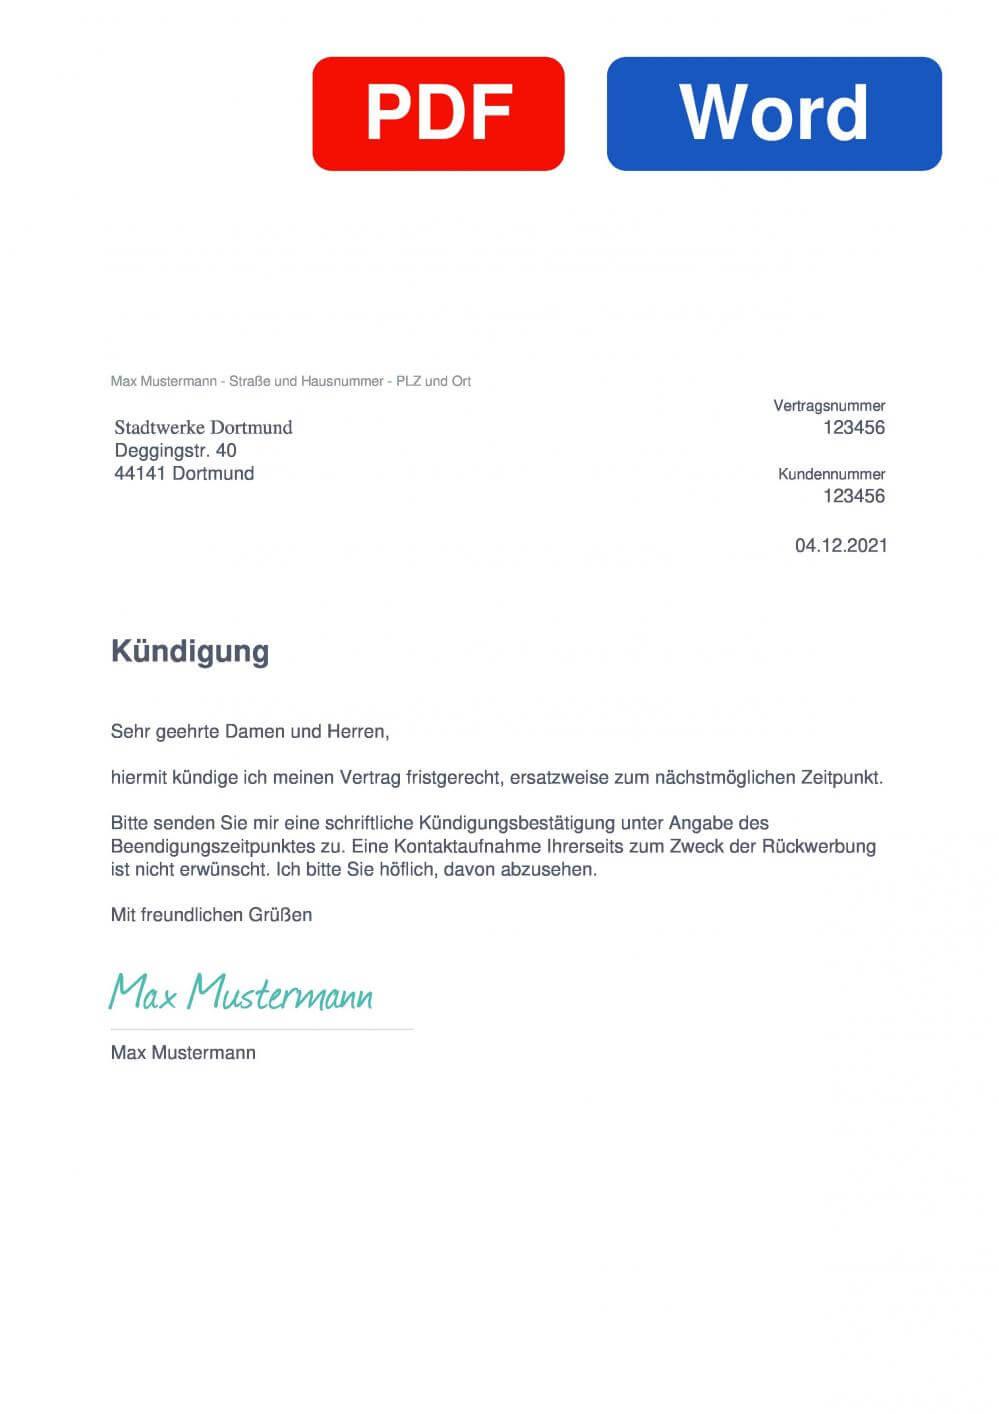 Stadtwerke Dortmund Muster Vorlage für Kündigungsschreiben